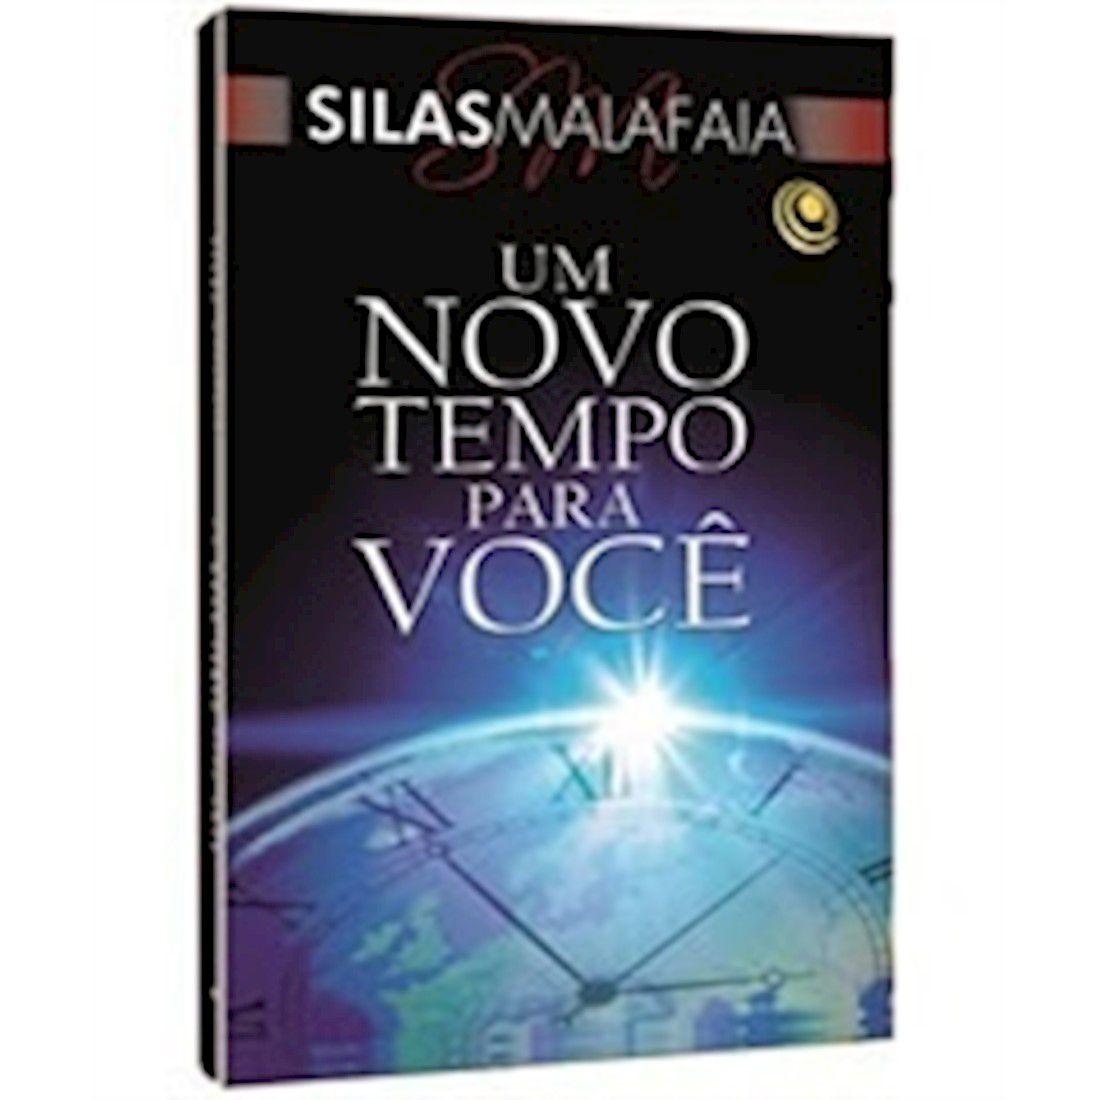 Livro Um Novo Tempo Para Você